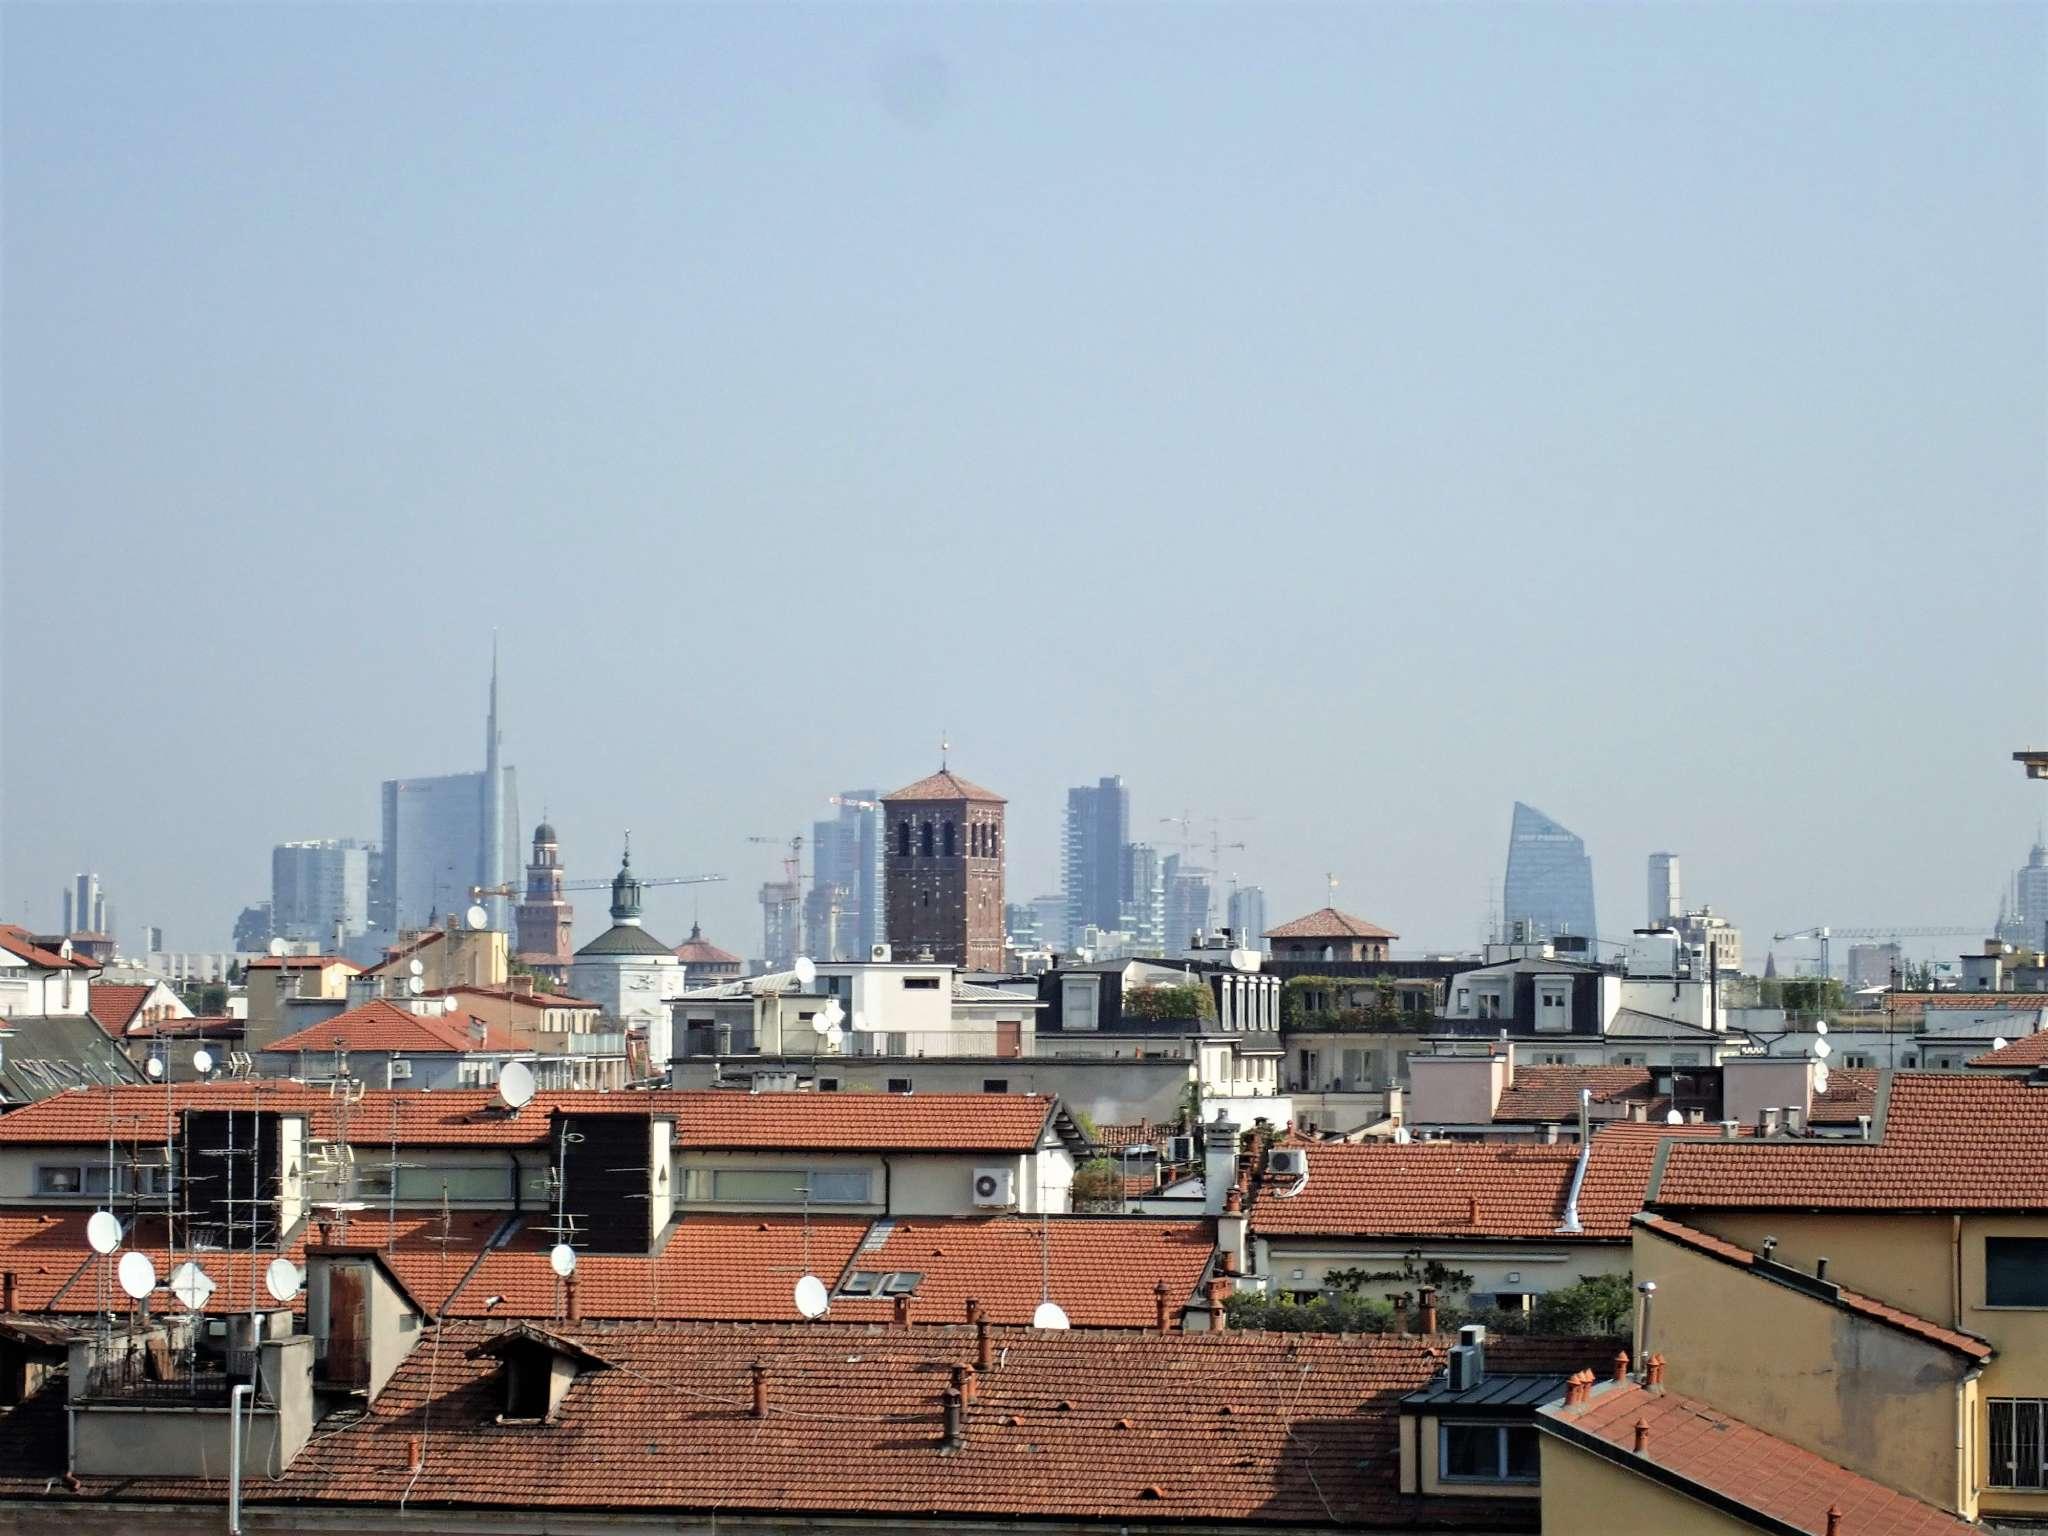 Attico in Vendita a Milano: 5 locali, 274 mq - Foto 9